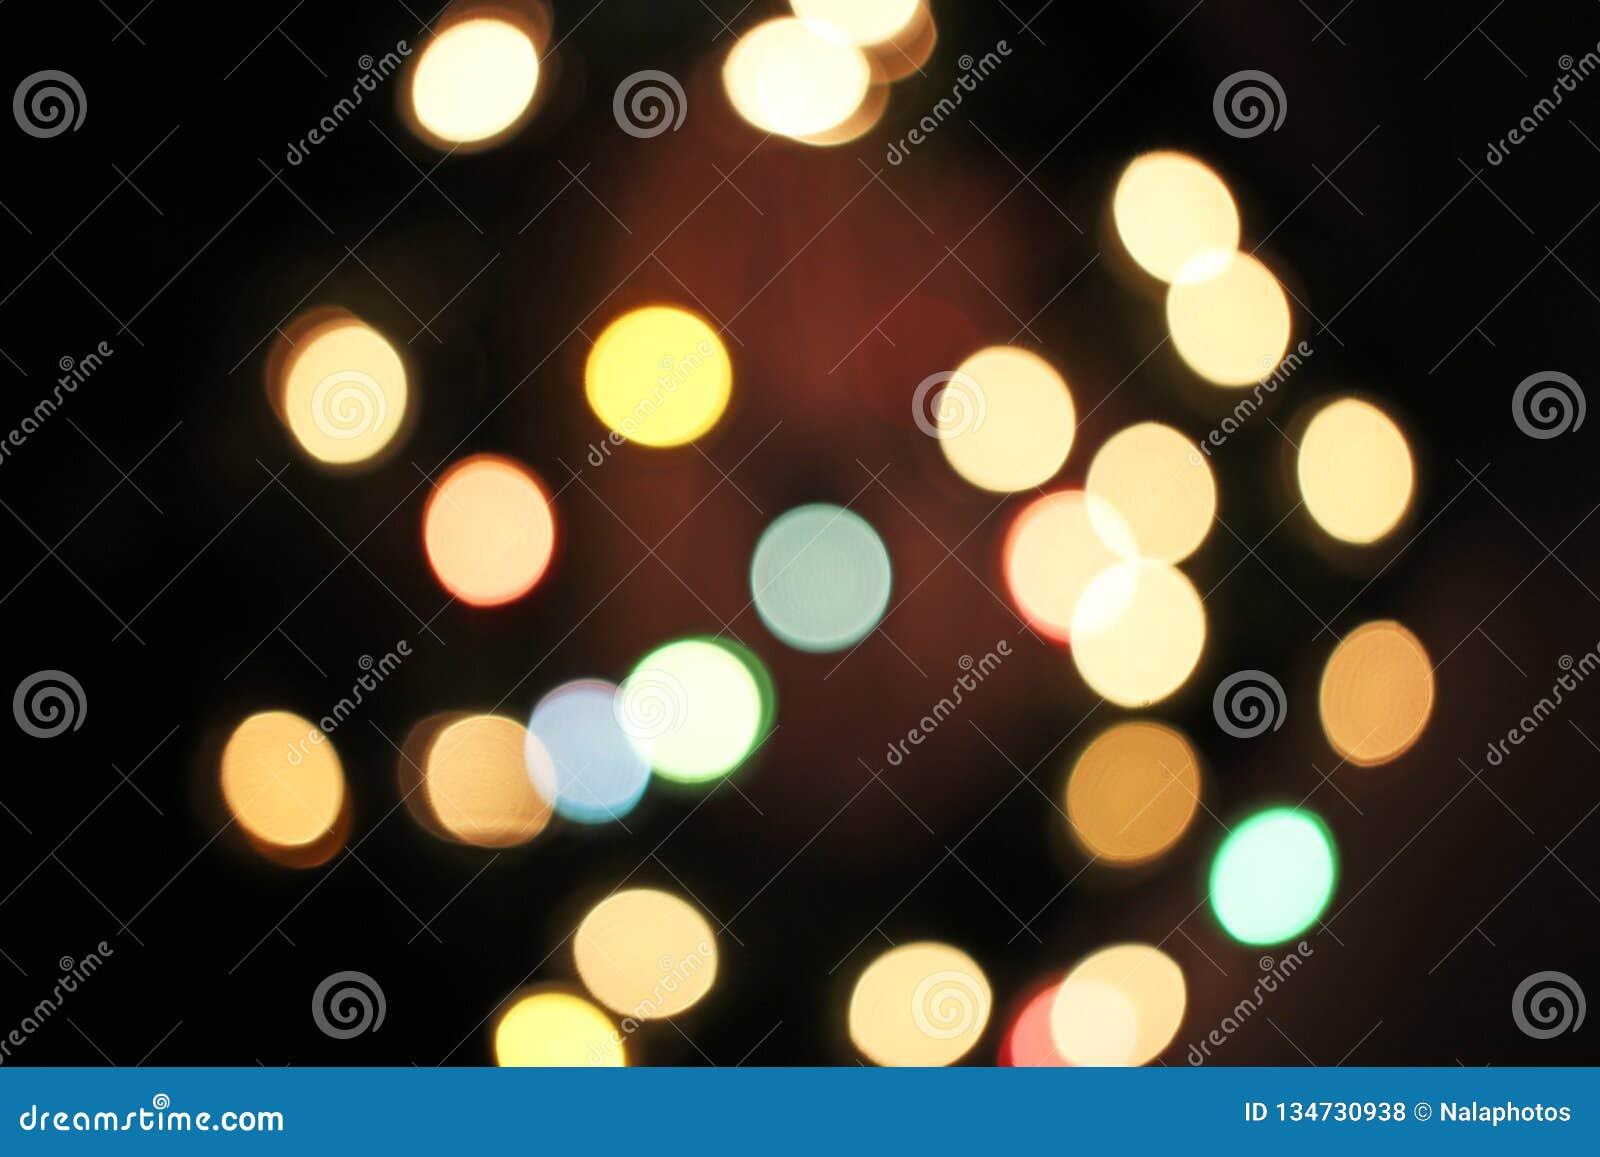 Unscharfer defocused Weihnachtslicht-Lichter bokeh Hintergrund Buntes rotes gelbes Blaugründe fokussierte funkelndes Muster